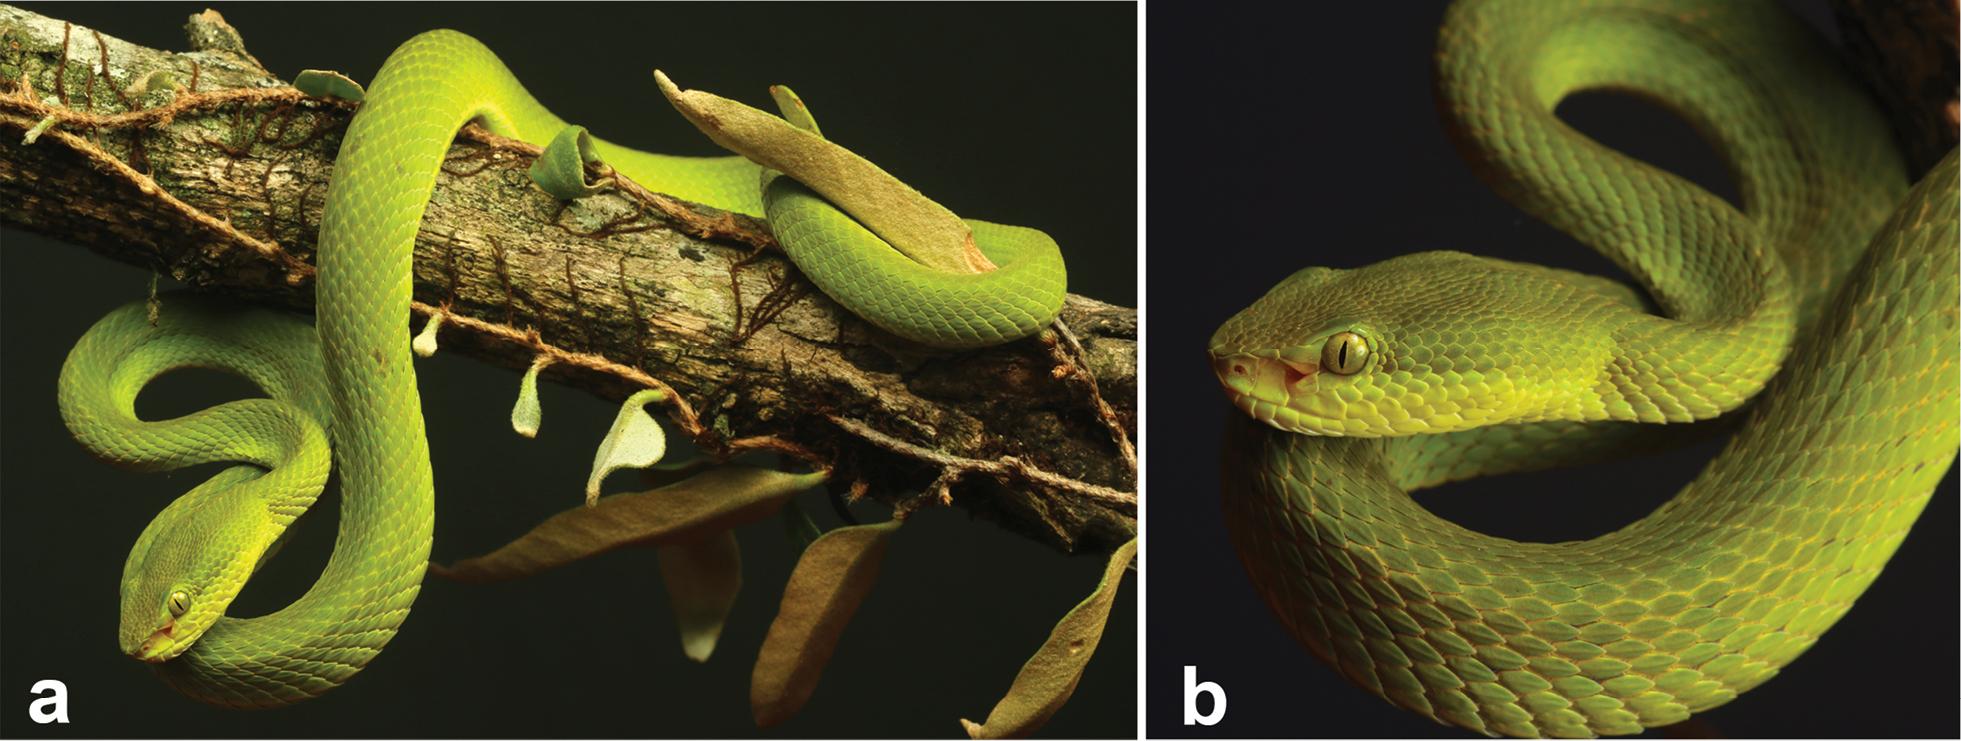 Trimeresurus salazar from western Arunachal Pradesh, India. Zoosystematics and Evolution